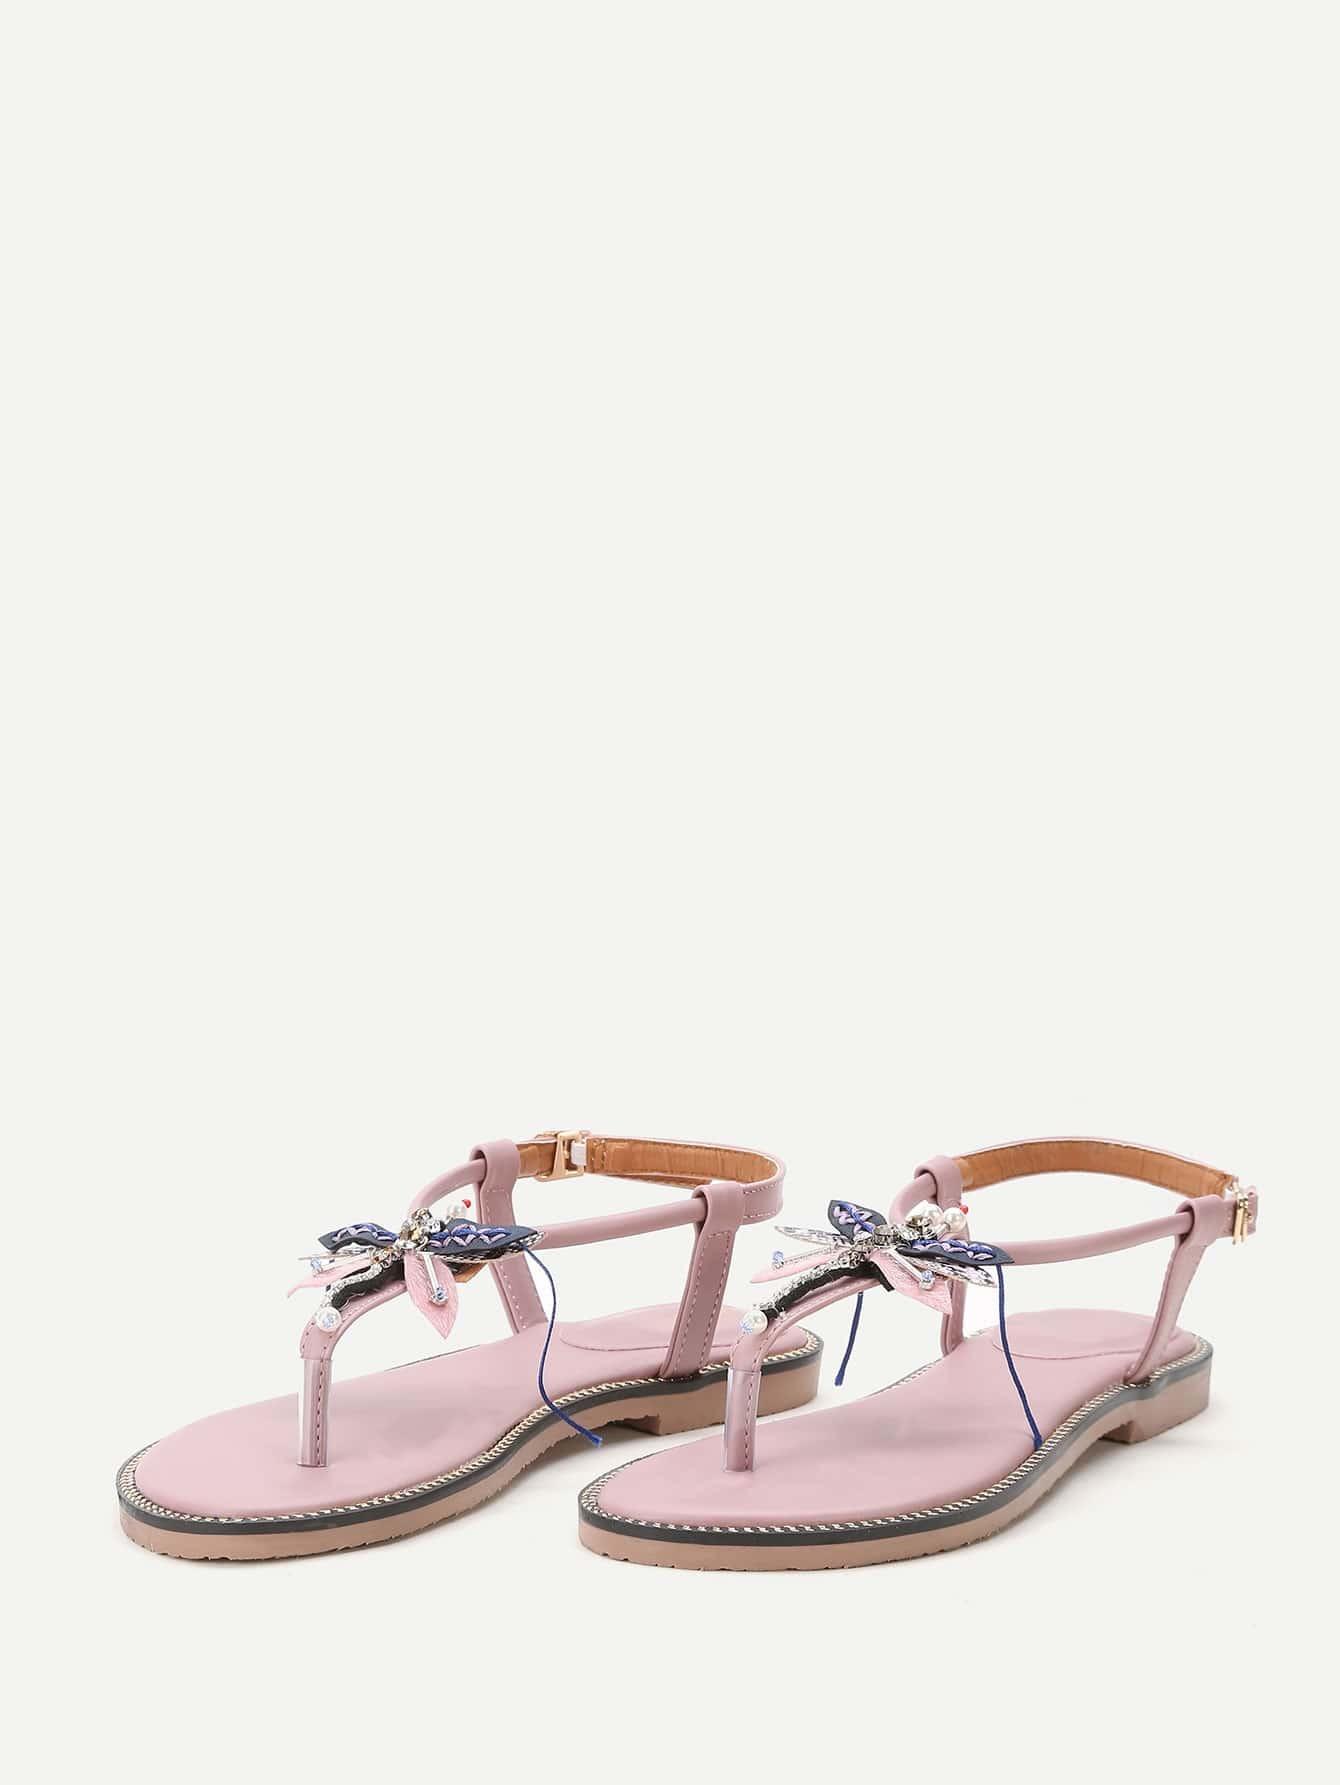 shoes170314810_2